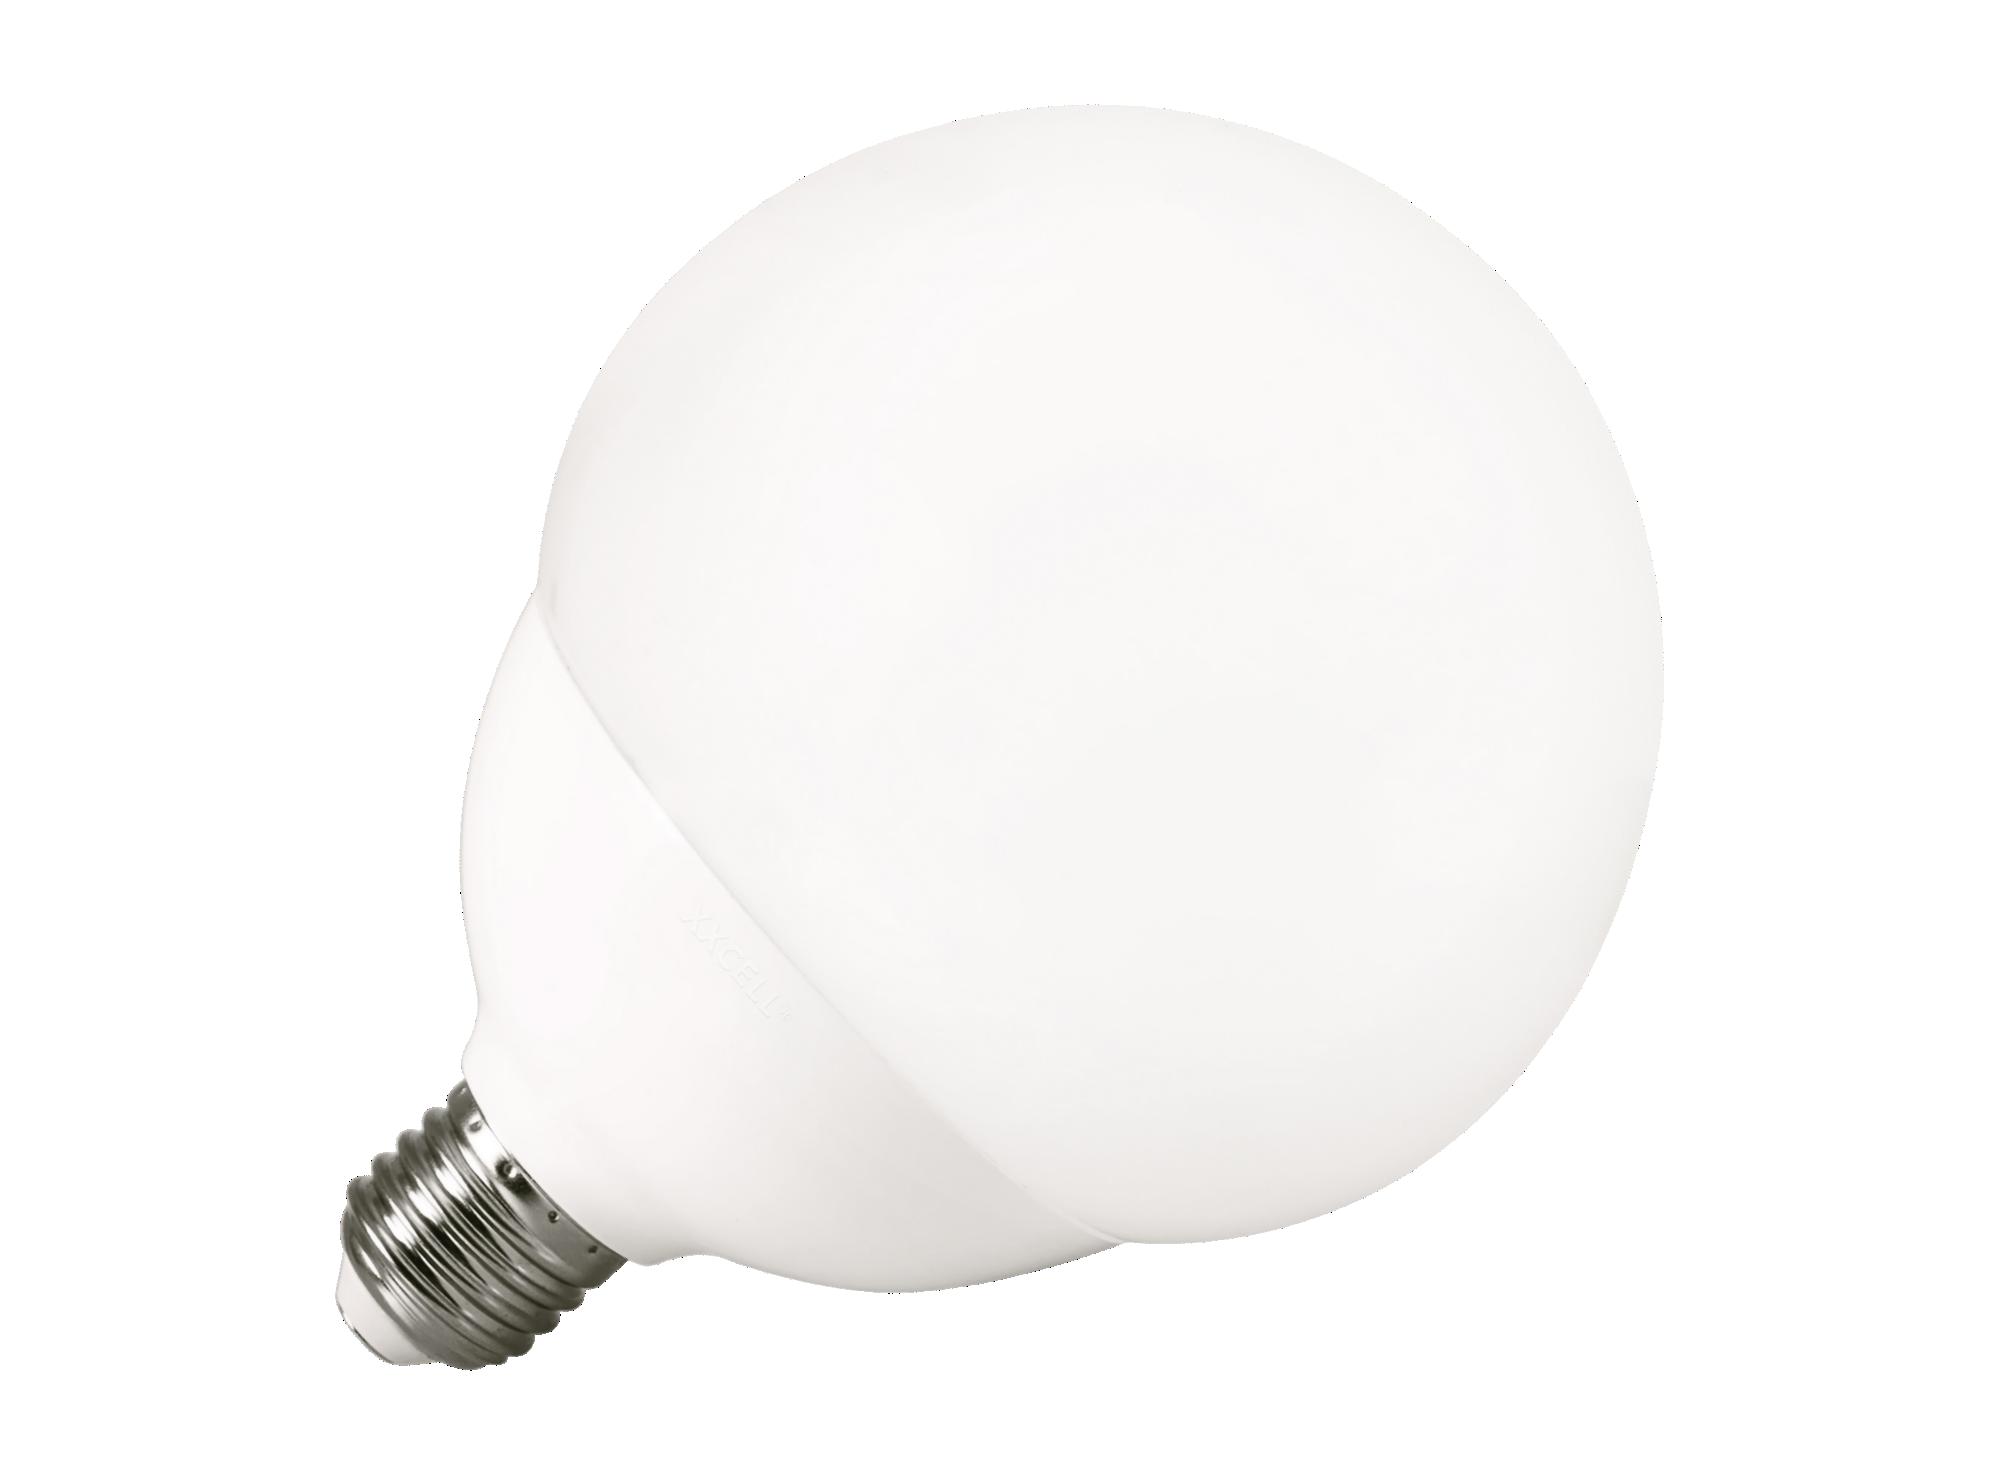 Type de source lumineuse : led - type de culot : e27 - puissance : 18 ...